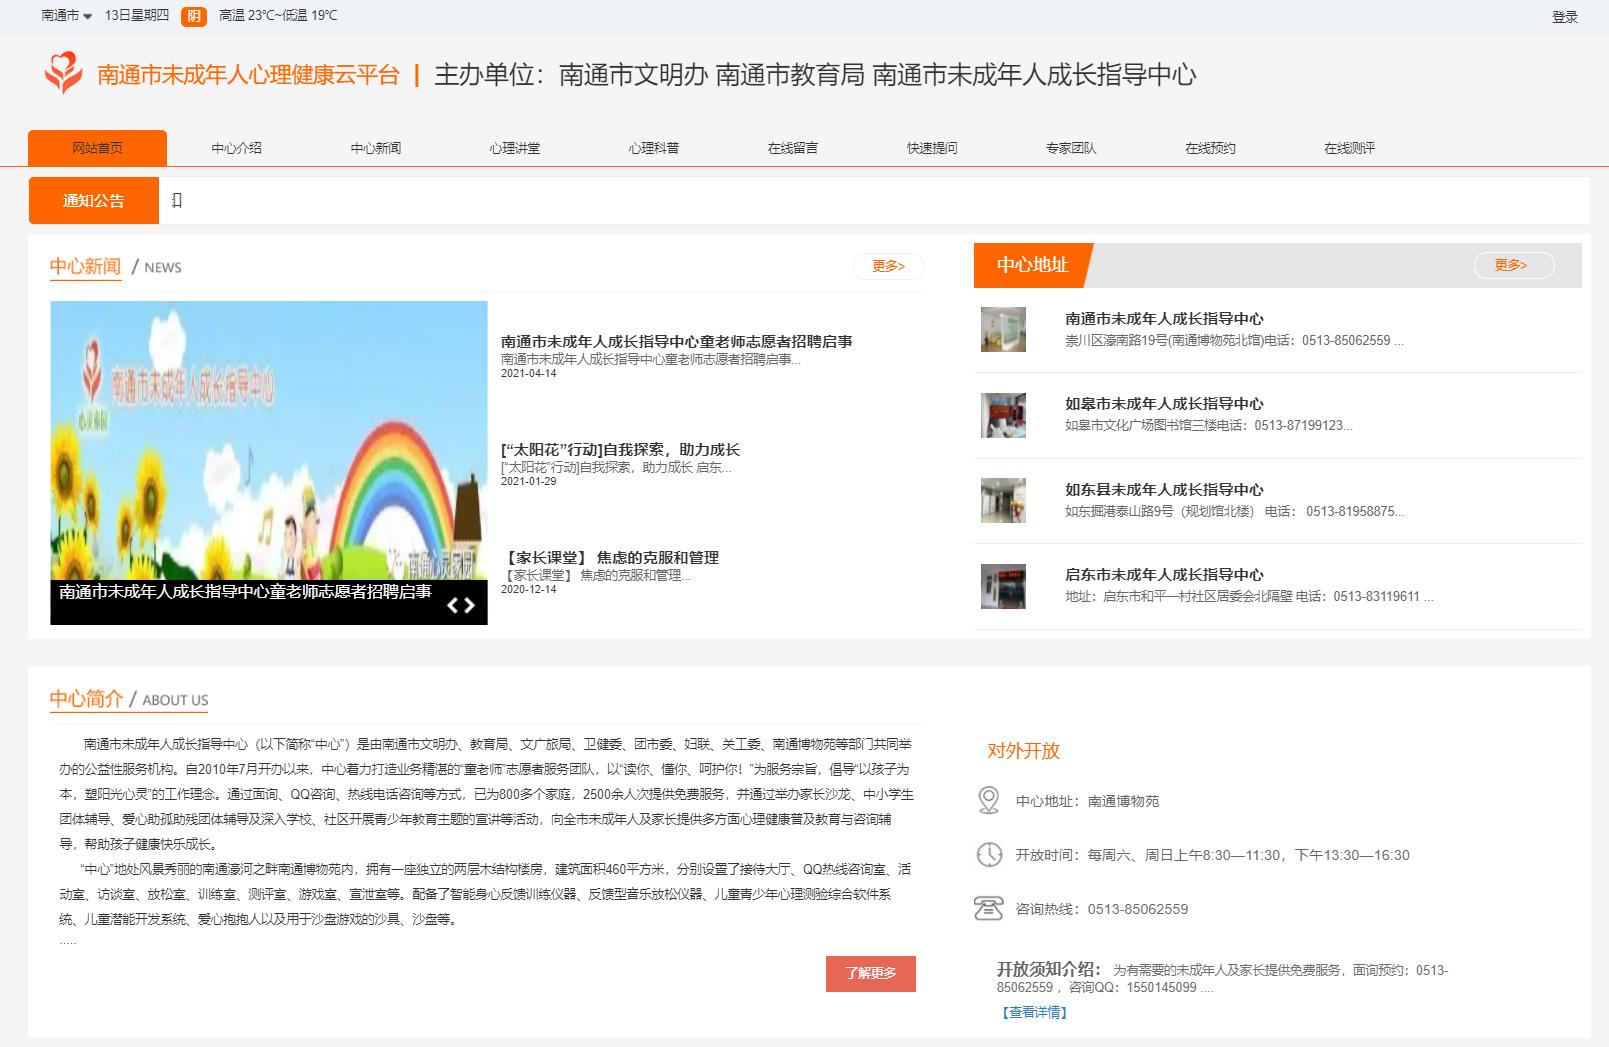 南通市未成年人米乐m6官网健康云平台